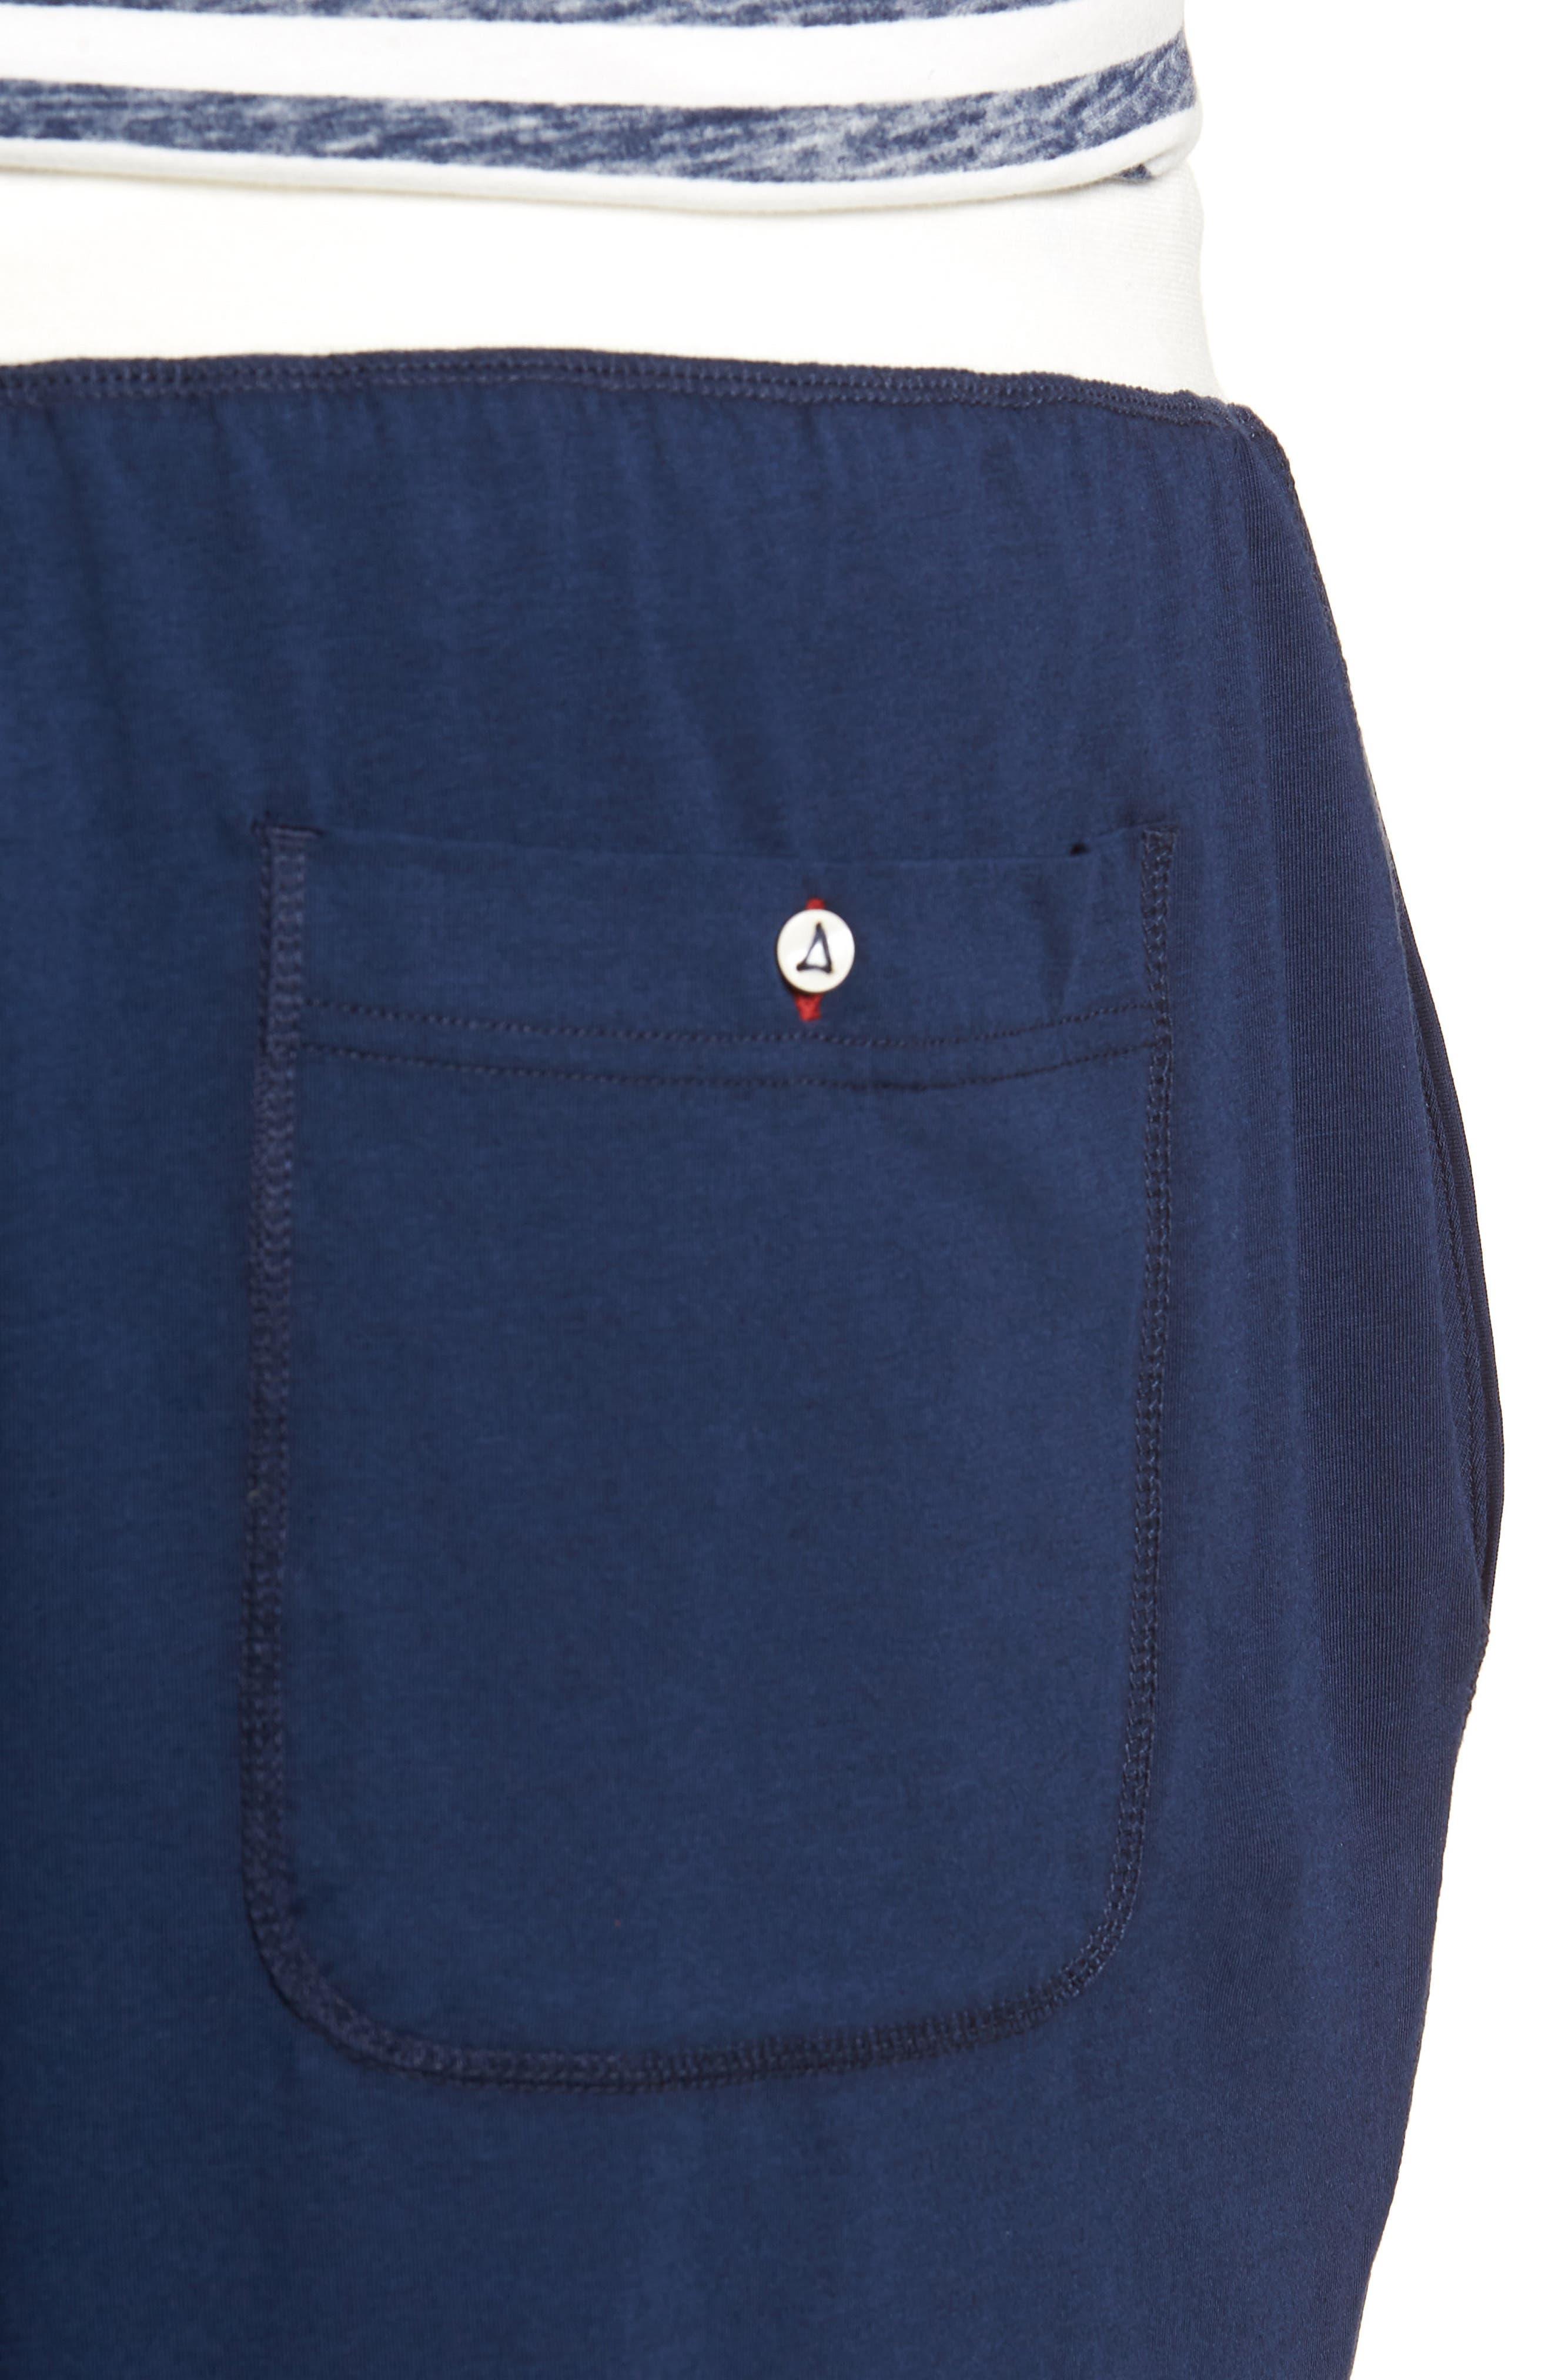 Knit Shorts,                             Alternate thumbnail 4, color,                             410